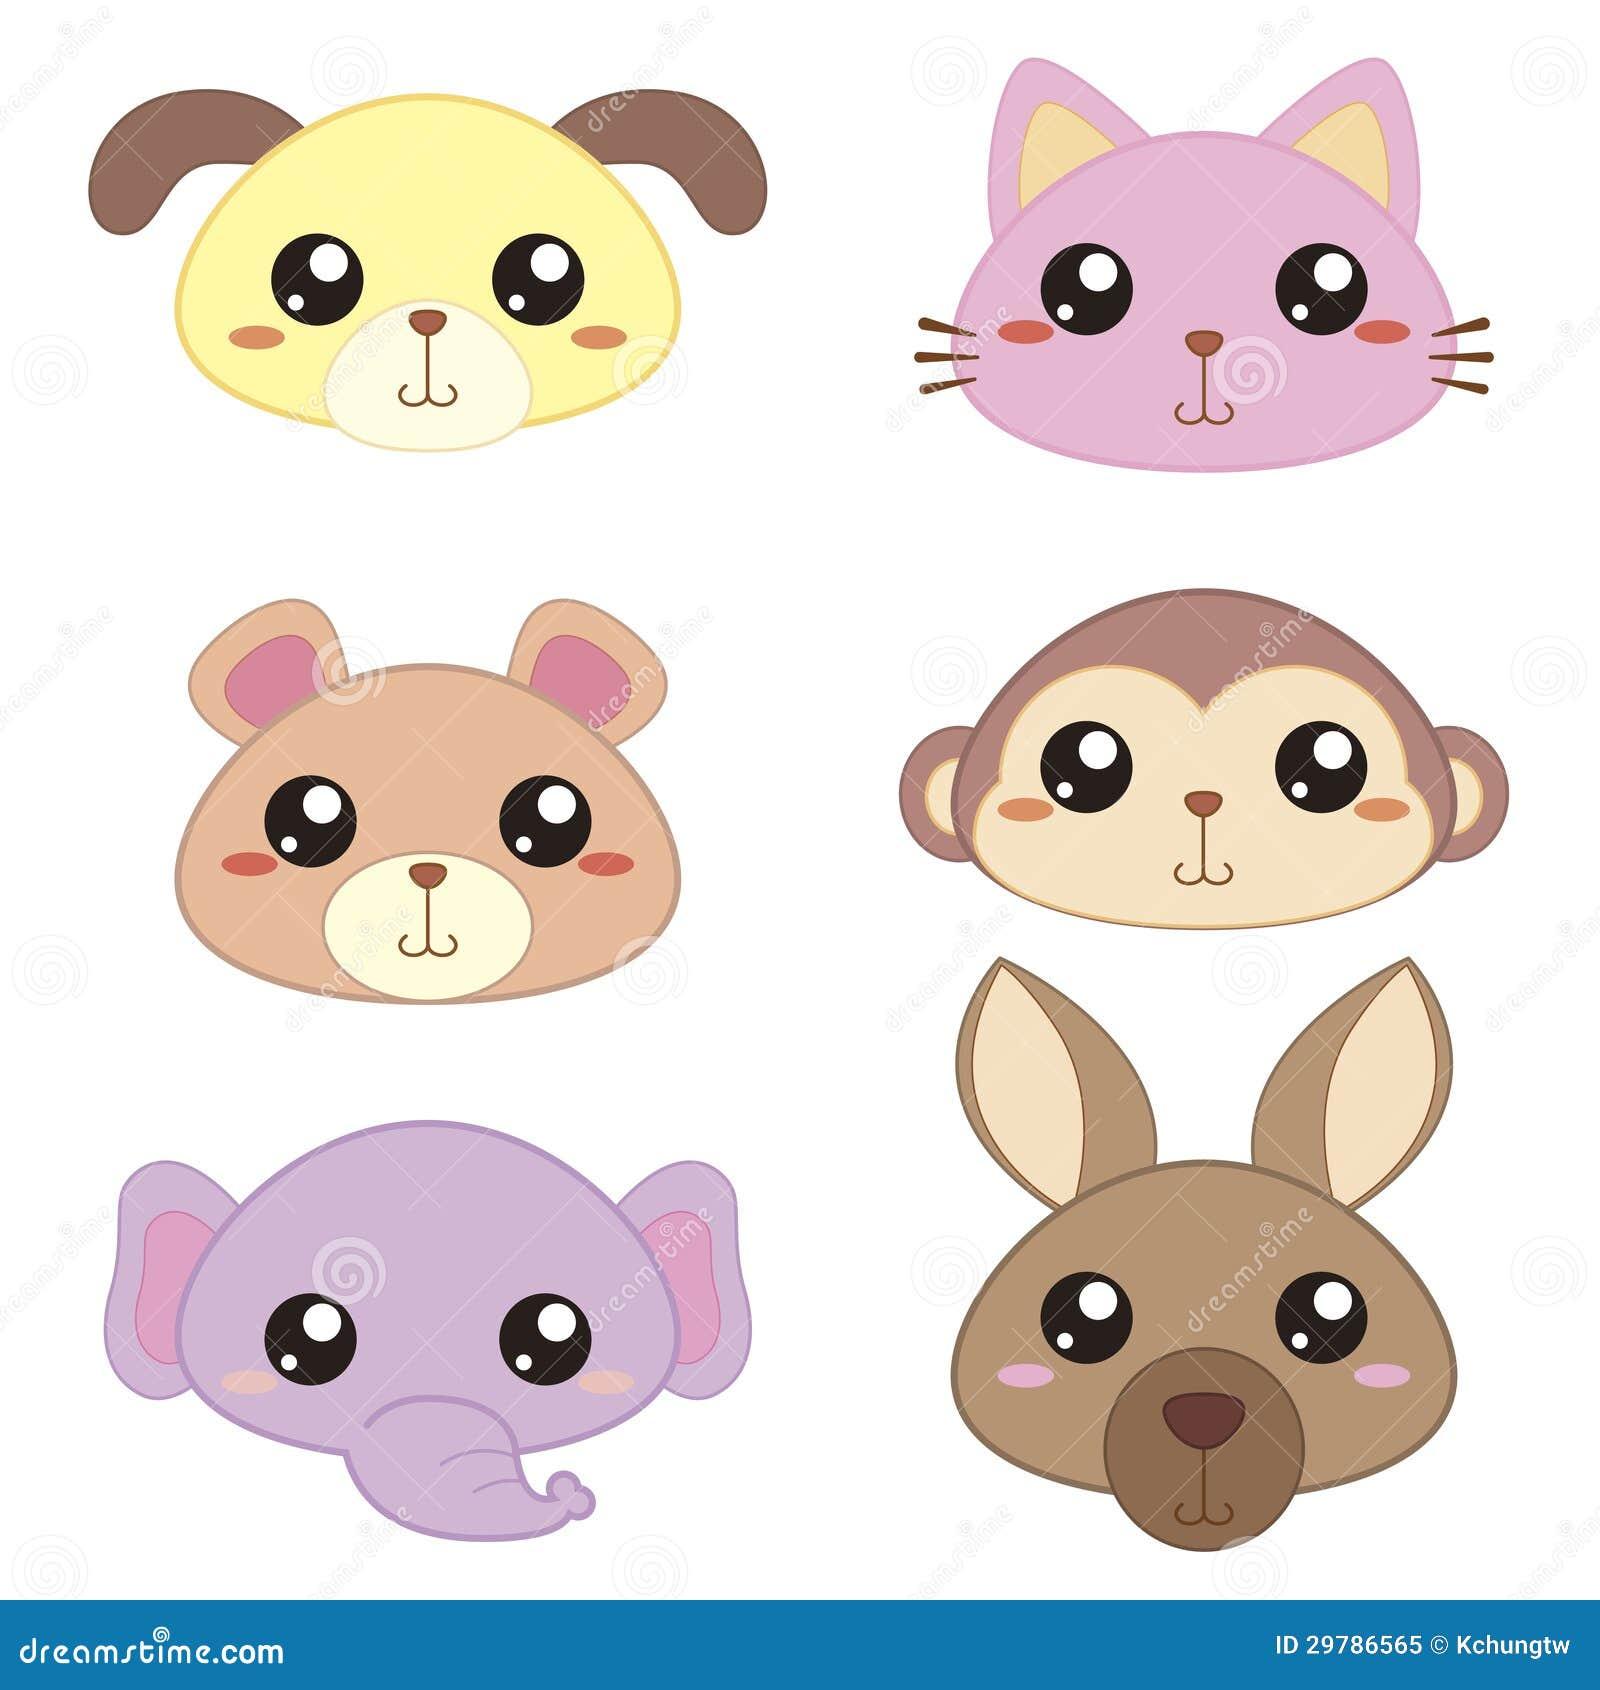 Cute cartoon animals with big eyes - Cute Cartoon Animals With Big Eyes Wallpaper Photo 26